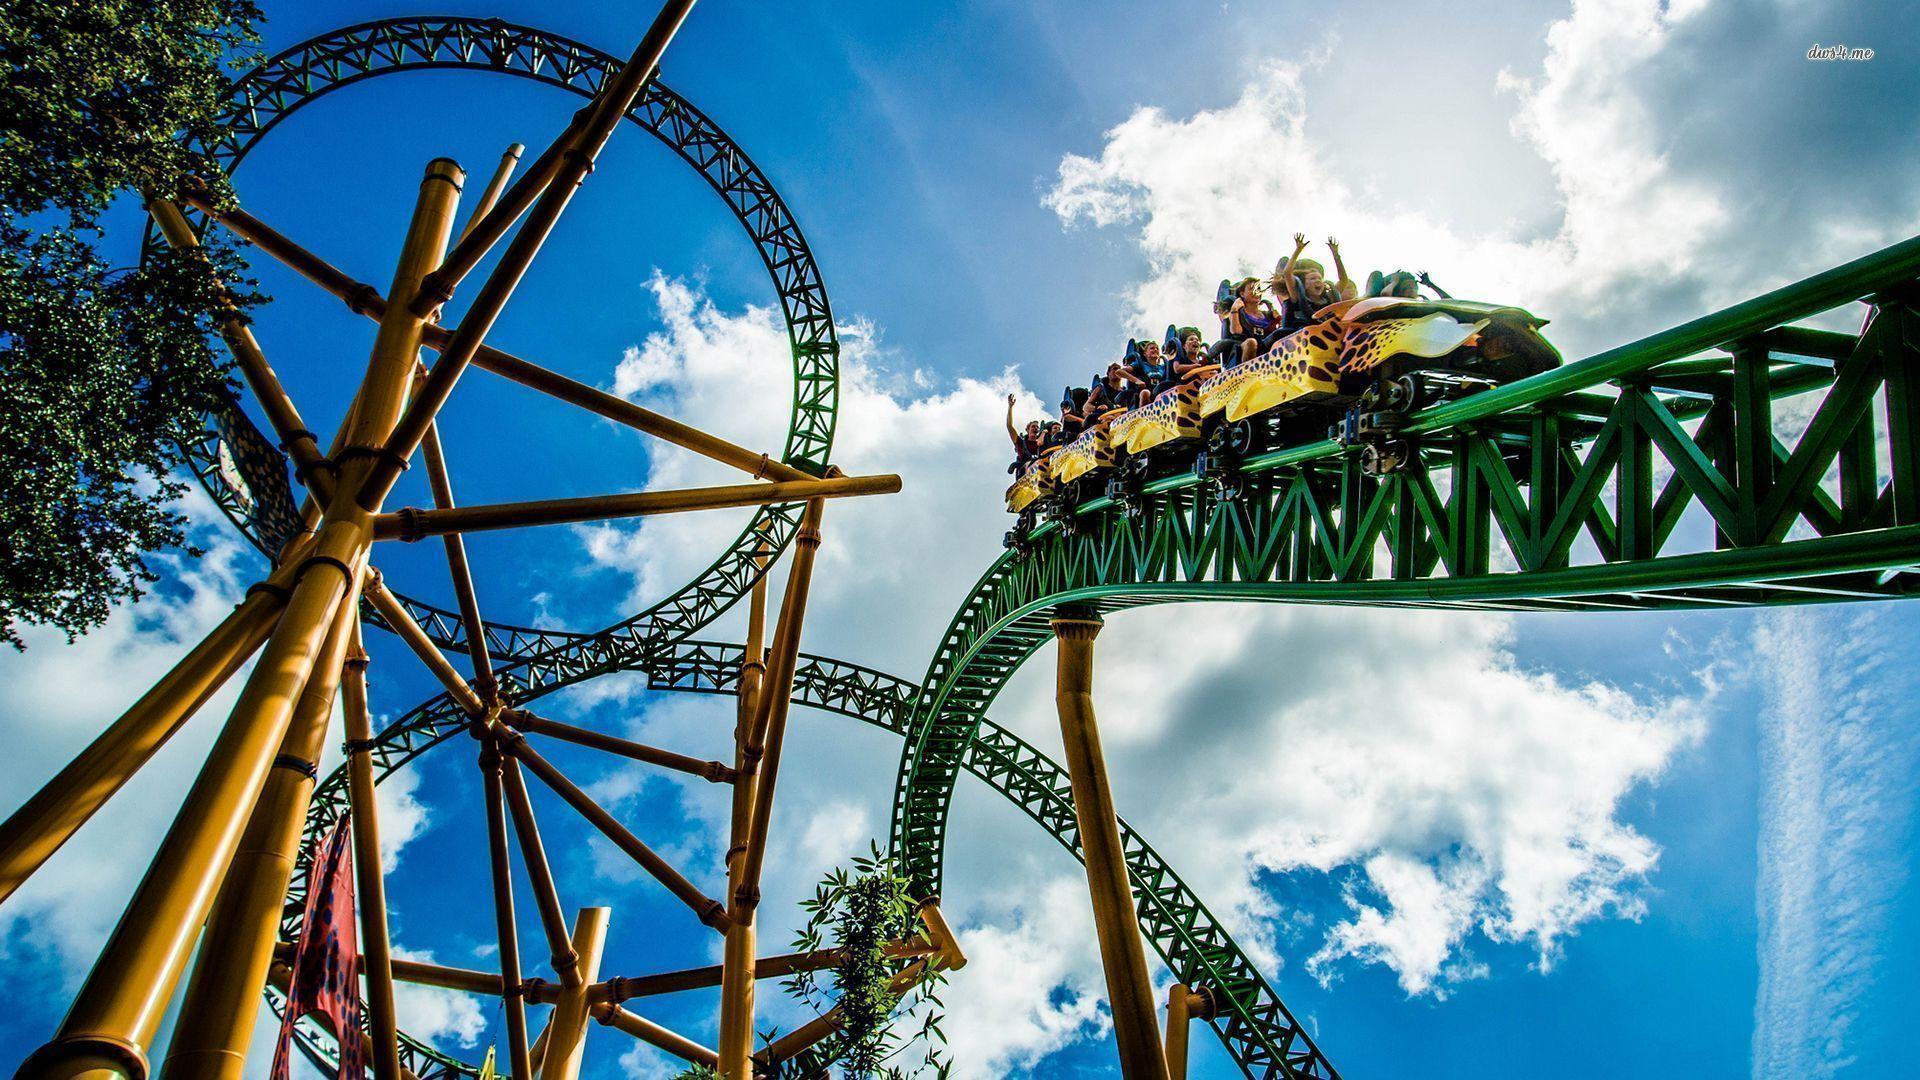 xmas roller coaster hd - photo #1